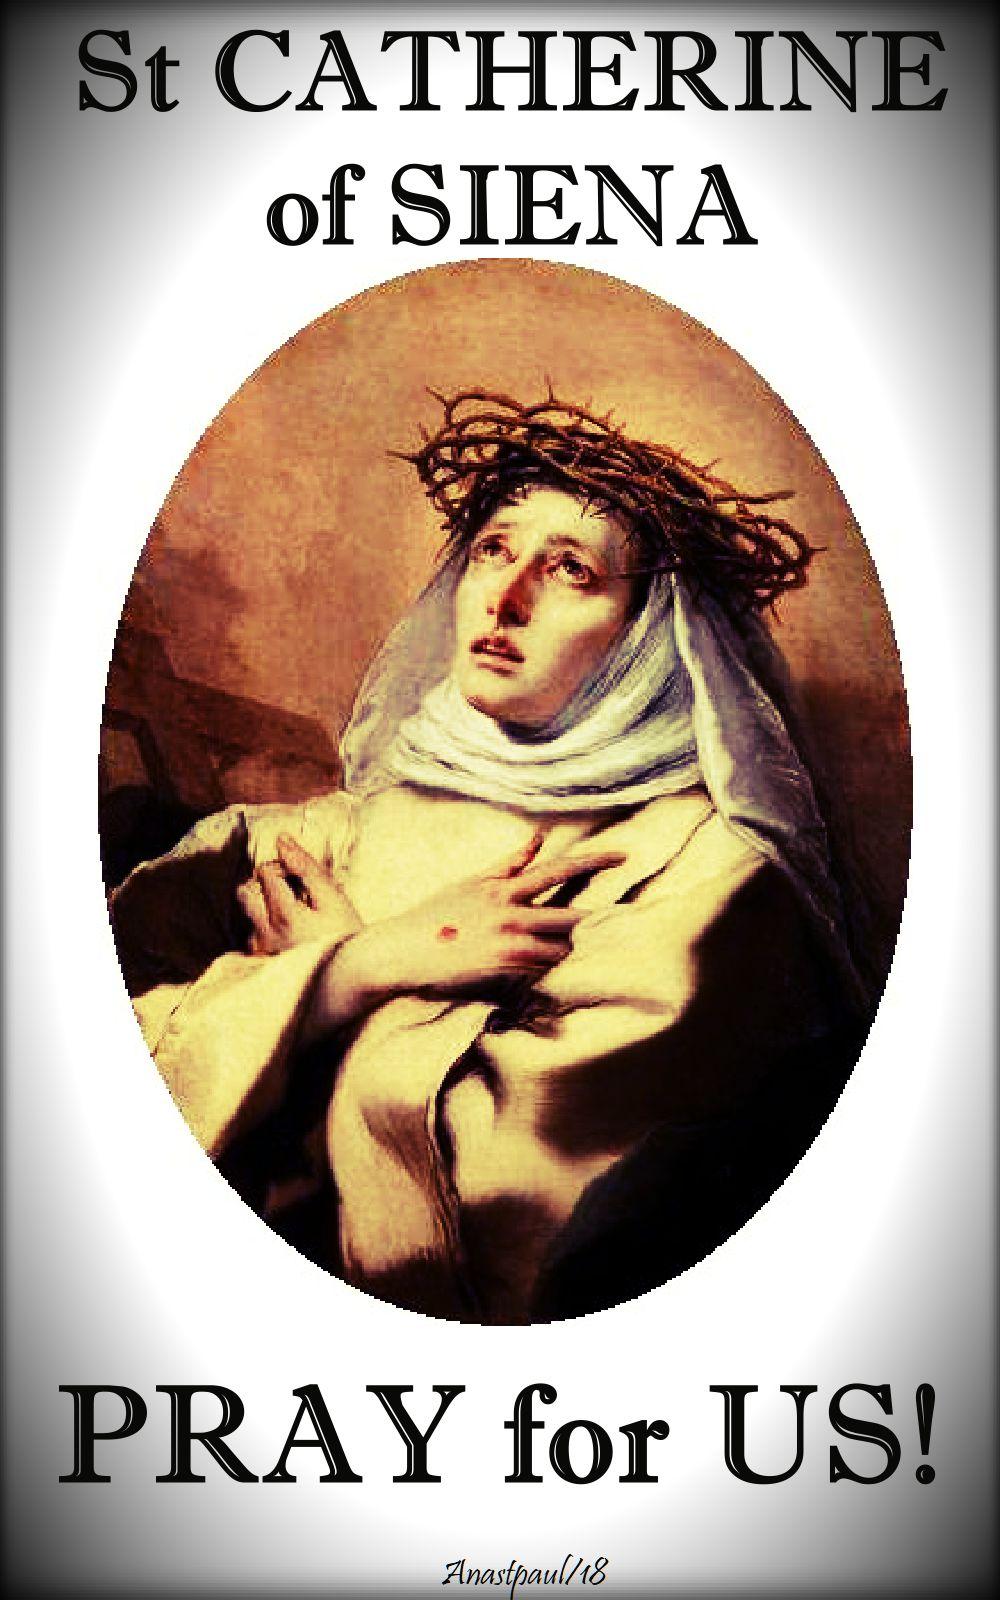 st catherine of siena pray for us - 29 april 2018